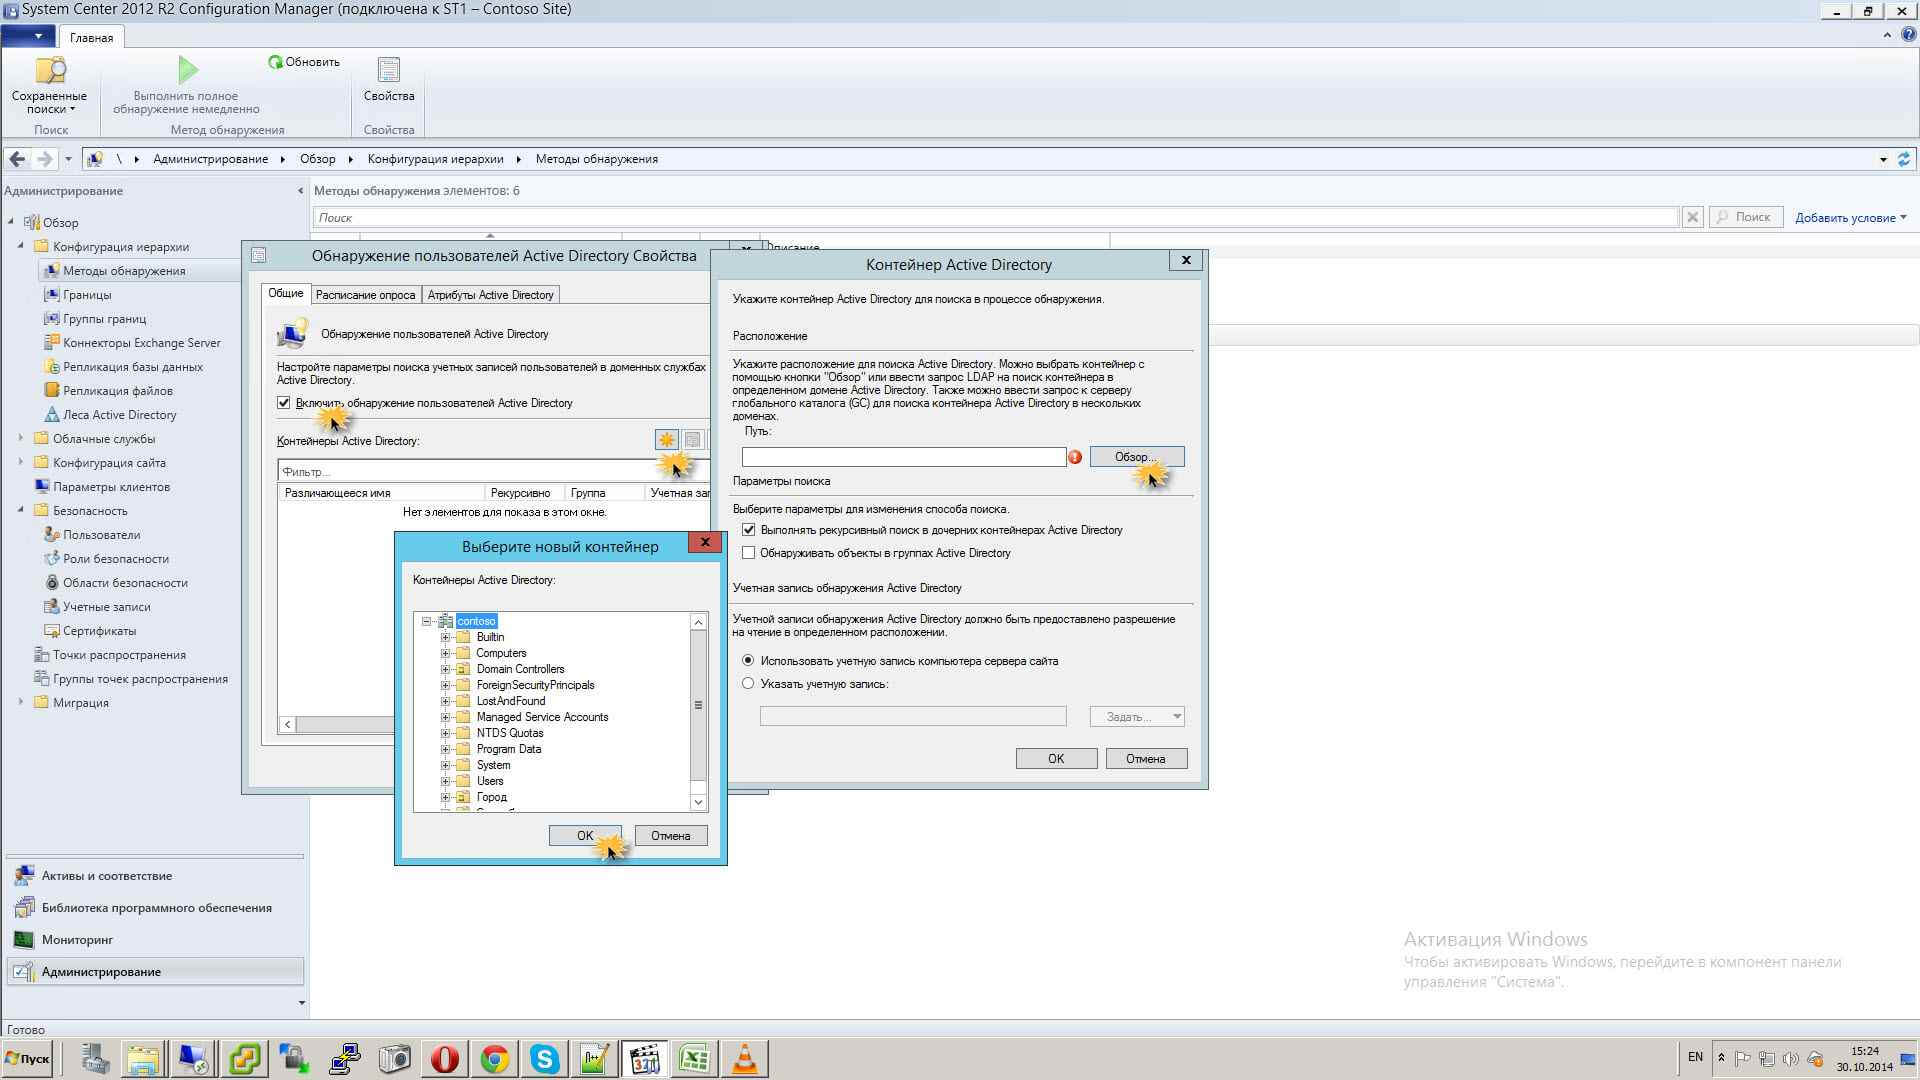 Как установить SCCM (System Center Configuration Manager) 2012R2 в windows server 2012R2 -3 часть. Базовая настройка site server-25